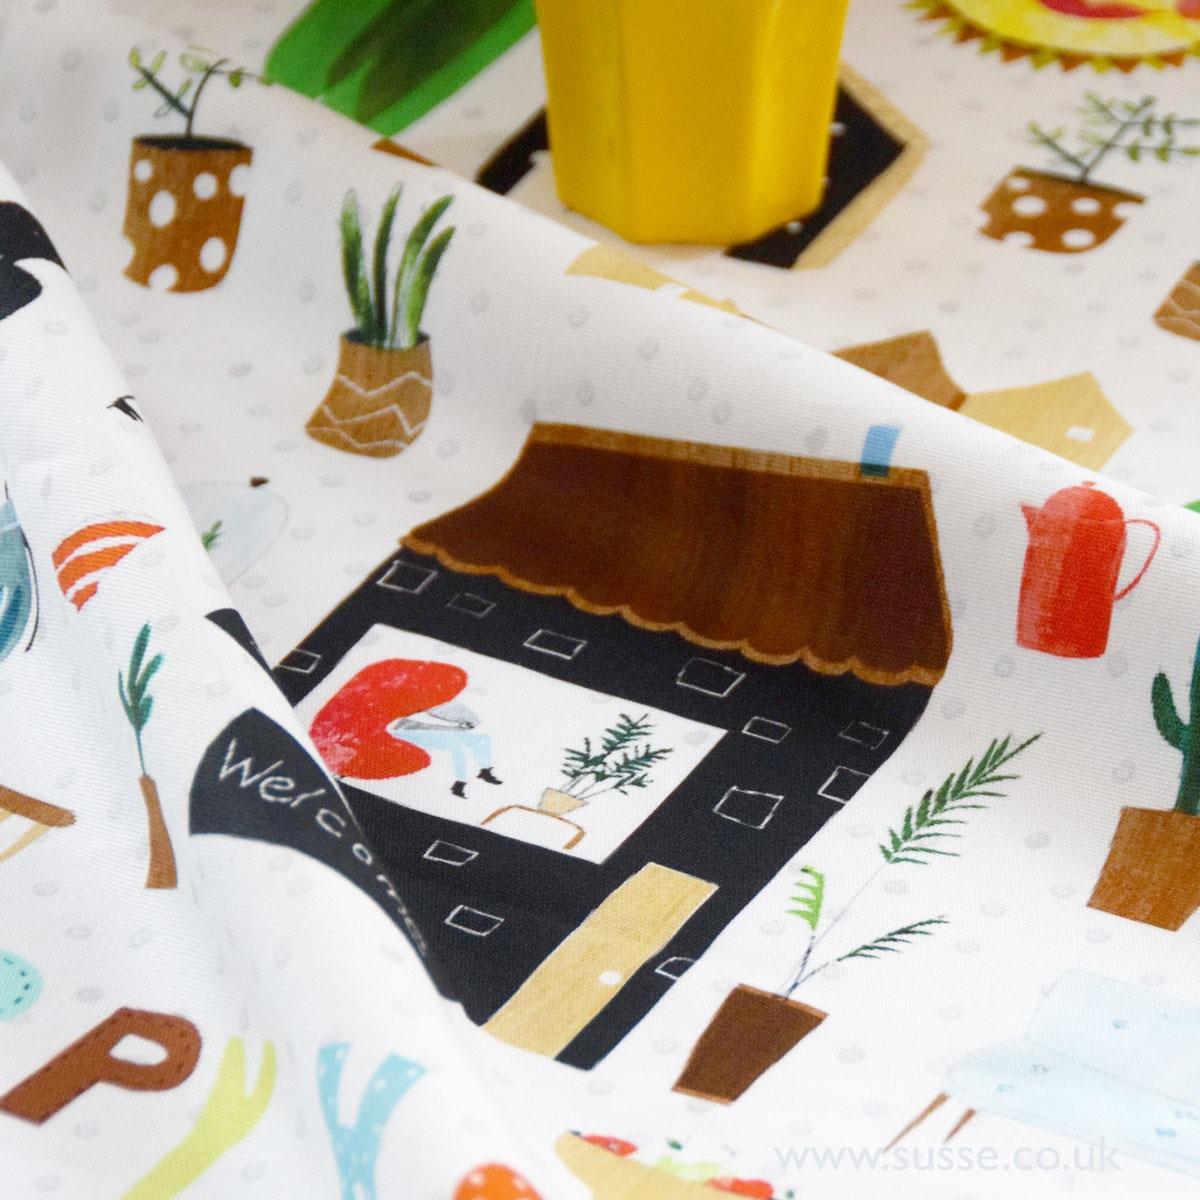 Tea-Towels-Happy-Home-2-Susse-.jpg